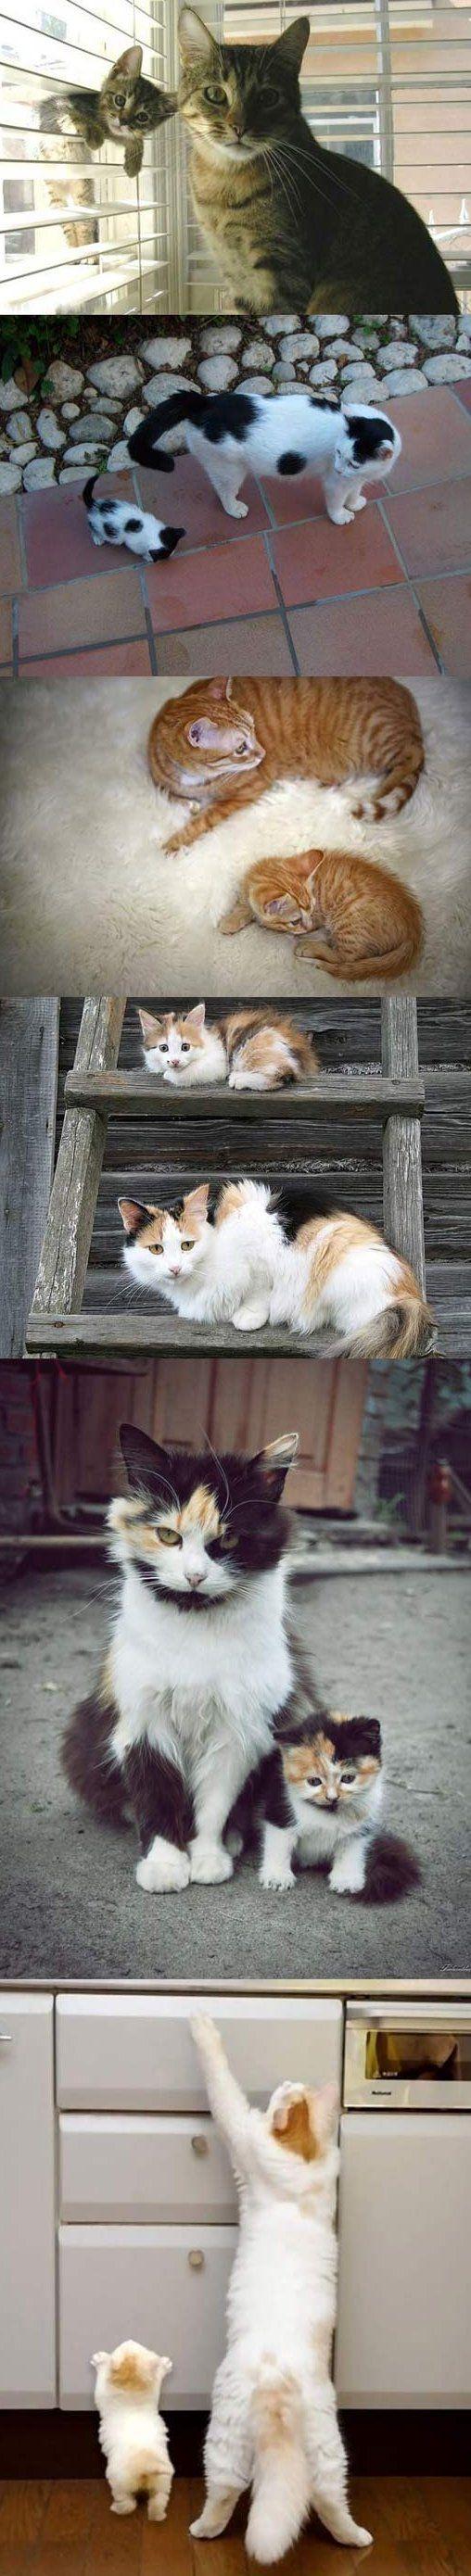 Like Parents, Like Kittens